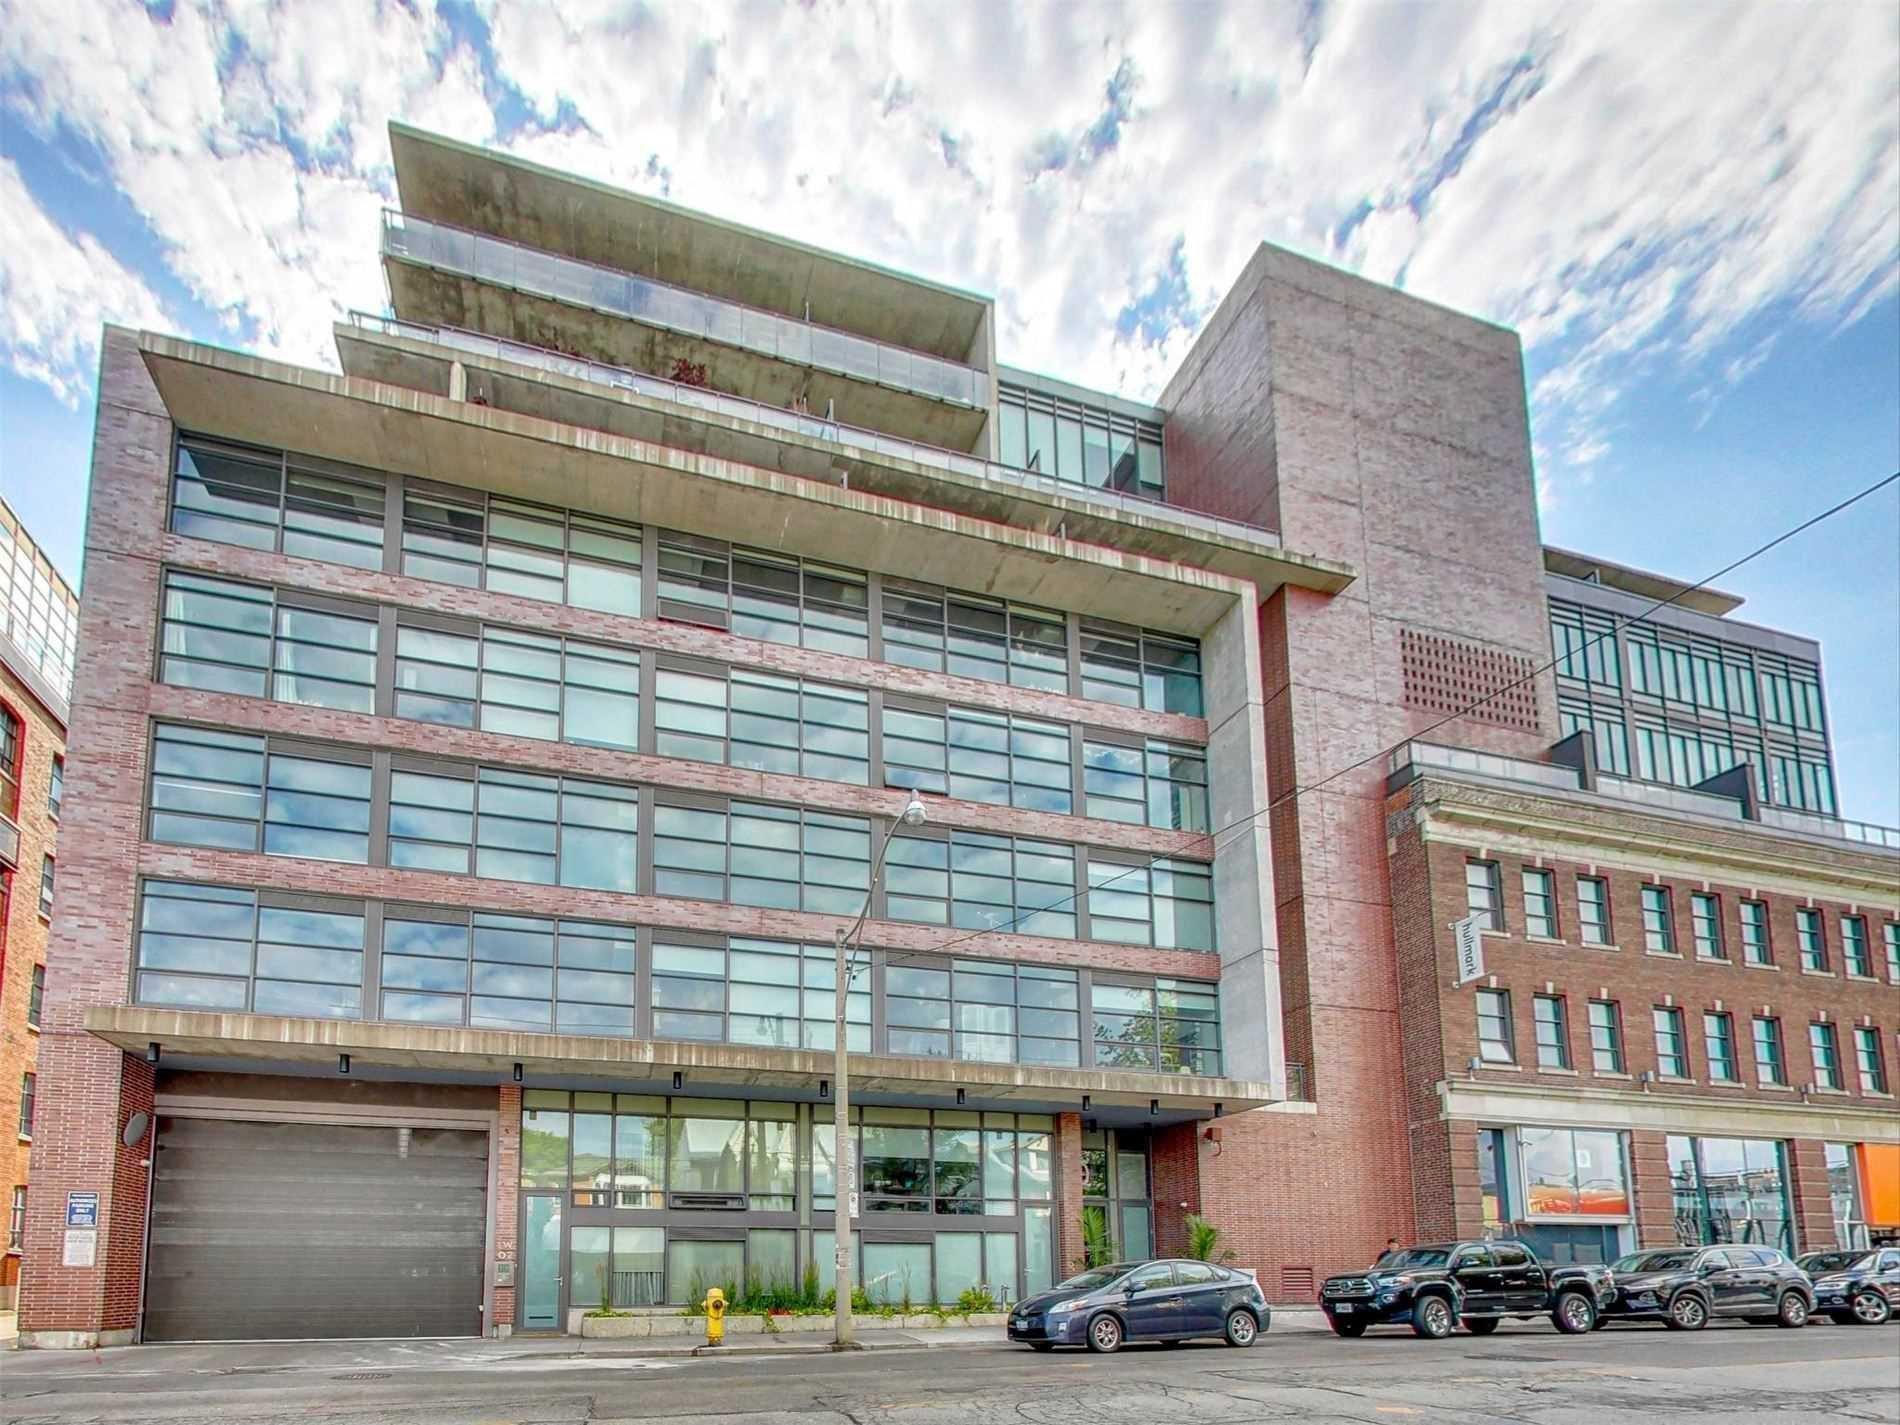 Main Photo: 617 90 Broadview Avenue in Toronto: South Riverdale Condo for sale (Toronto E01)  : MLS®# E4847541